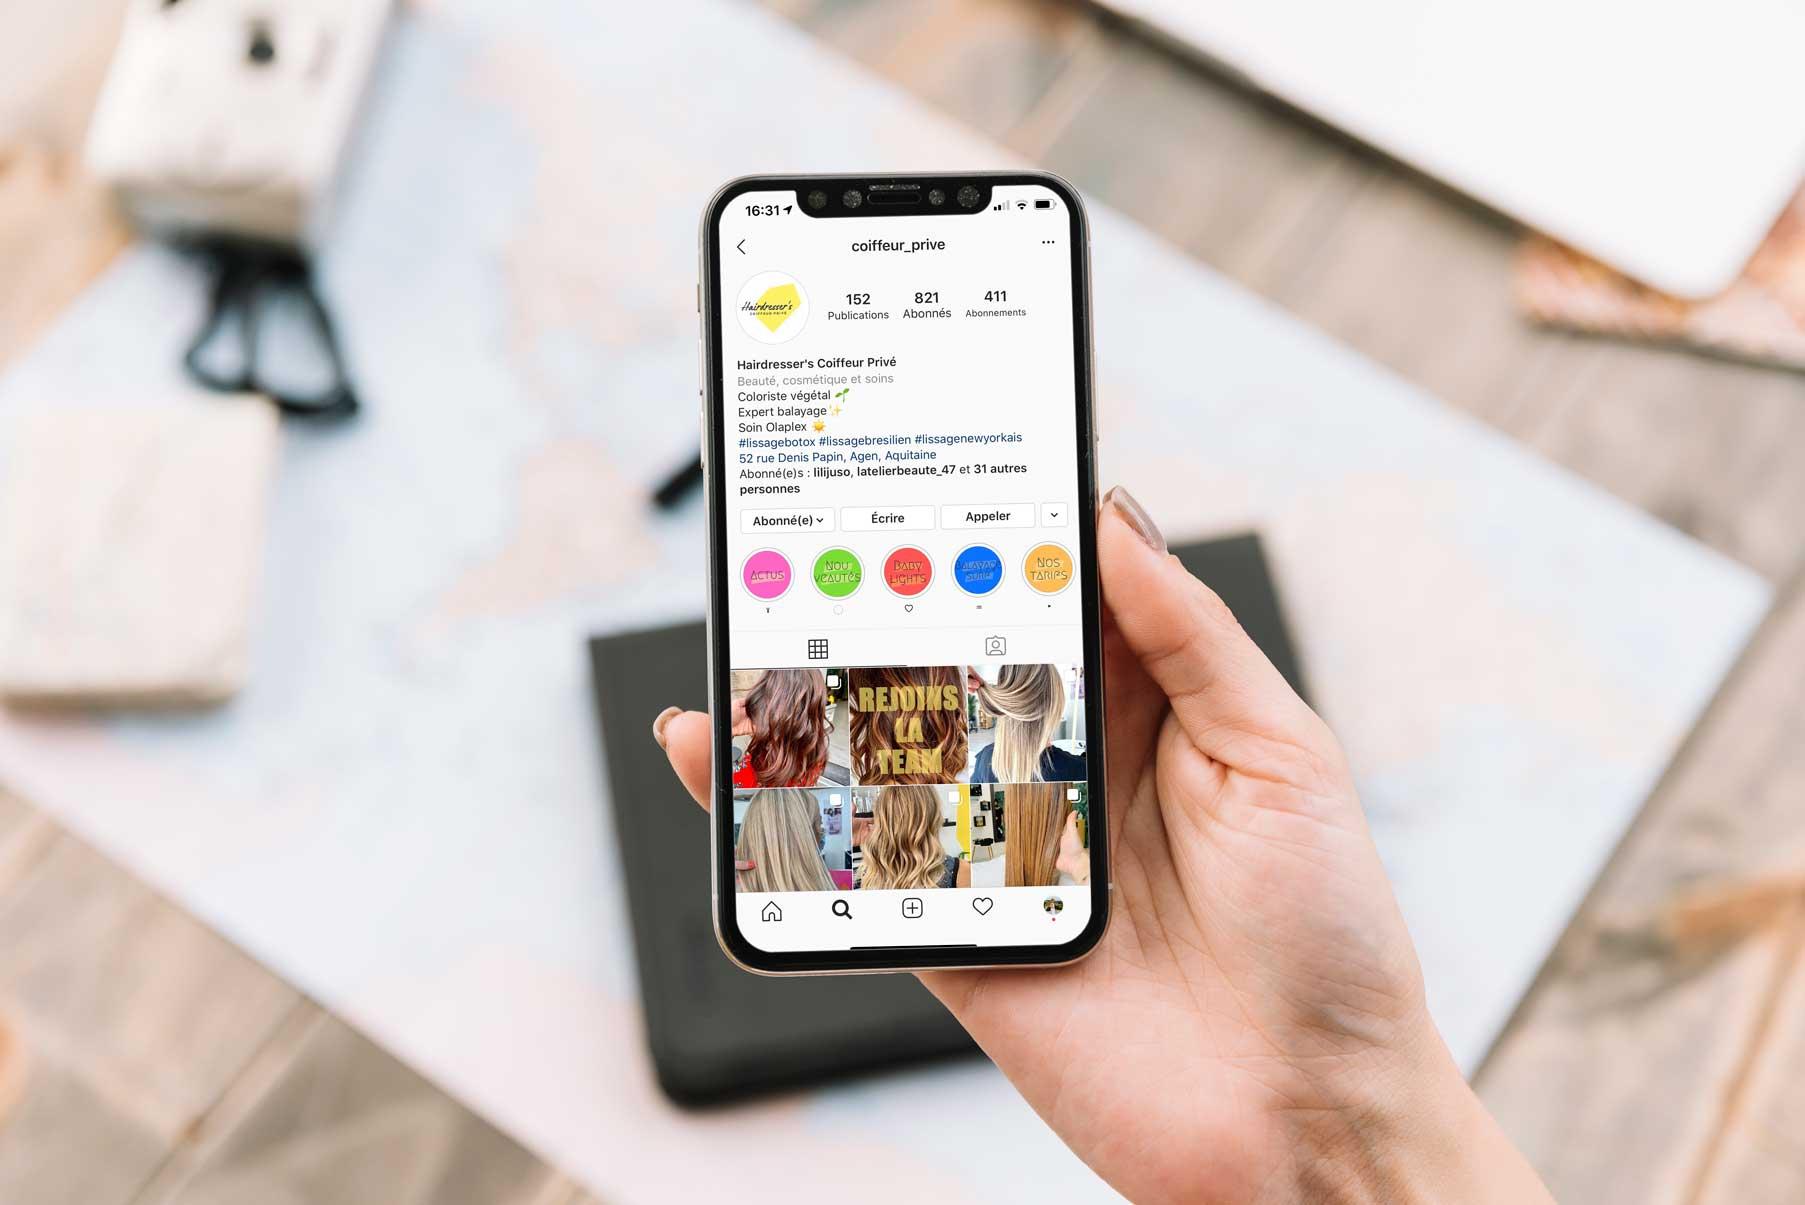 Communication digitale sur les réseaux sociaux pour Hairdresser's à Agen